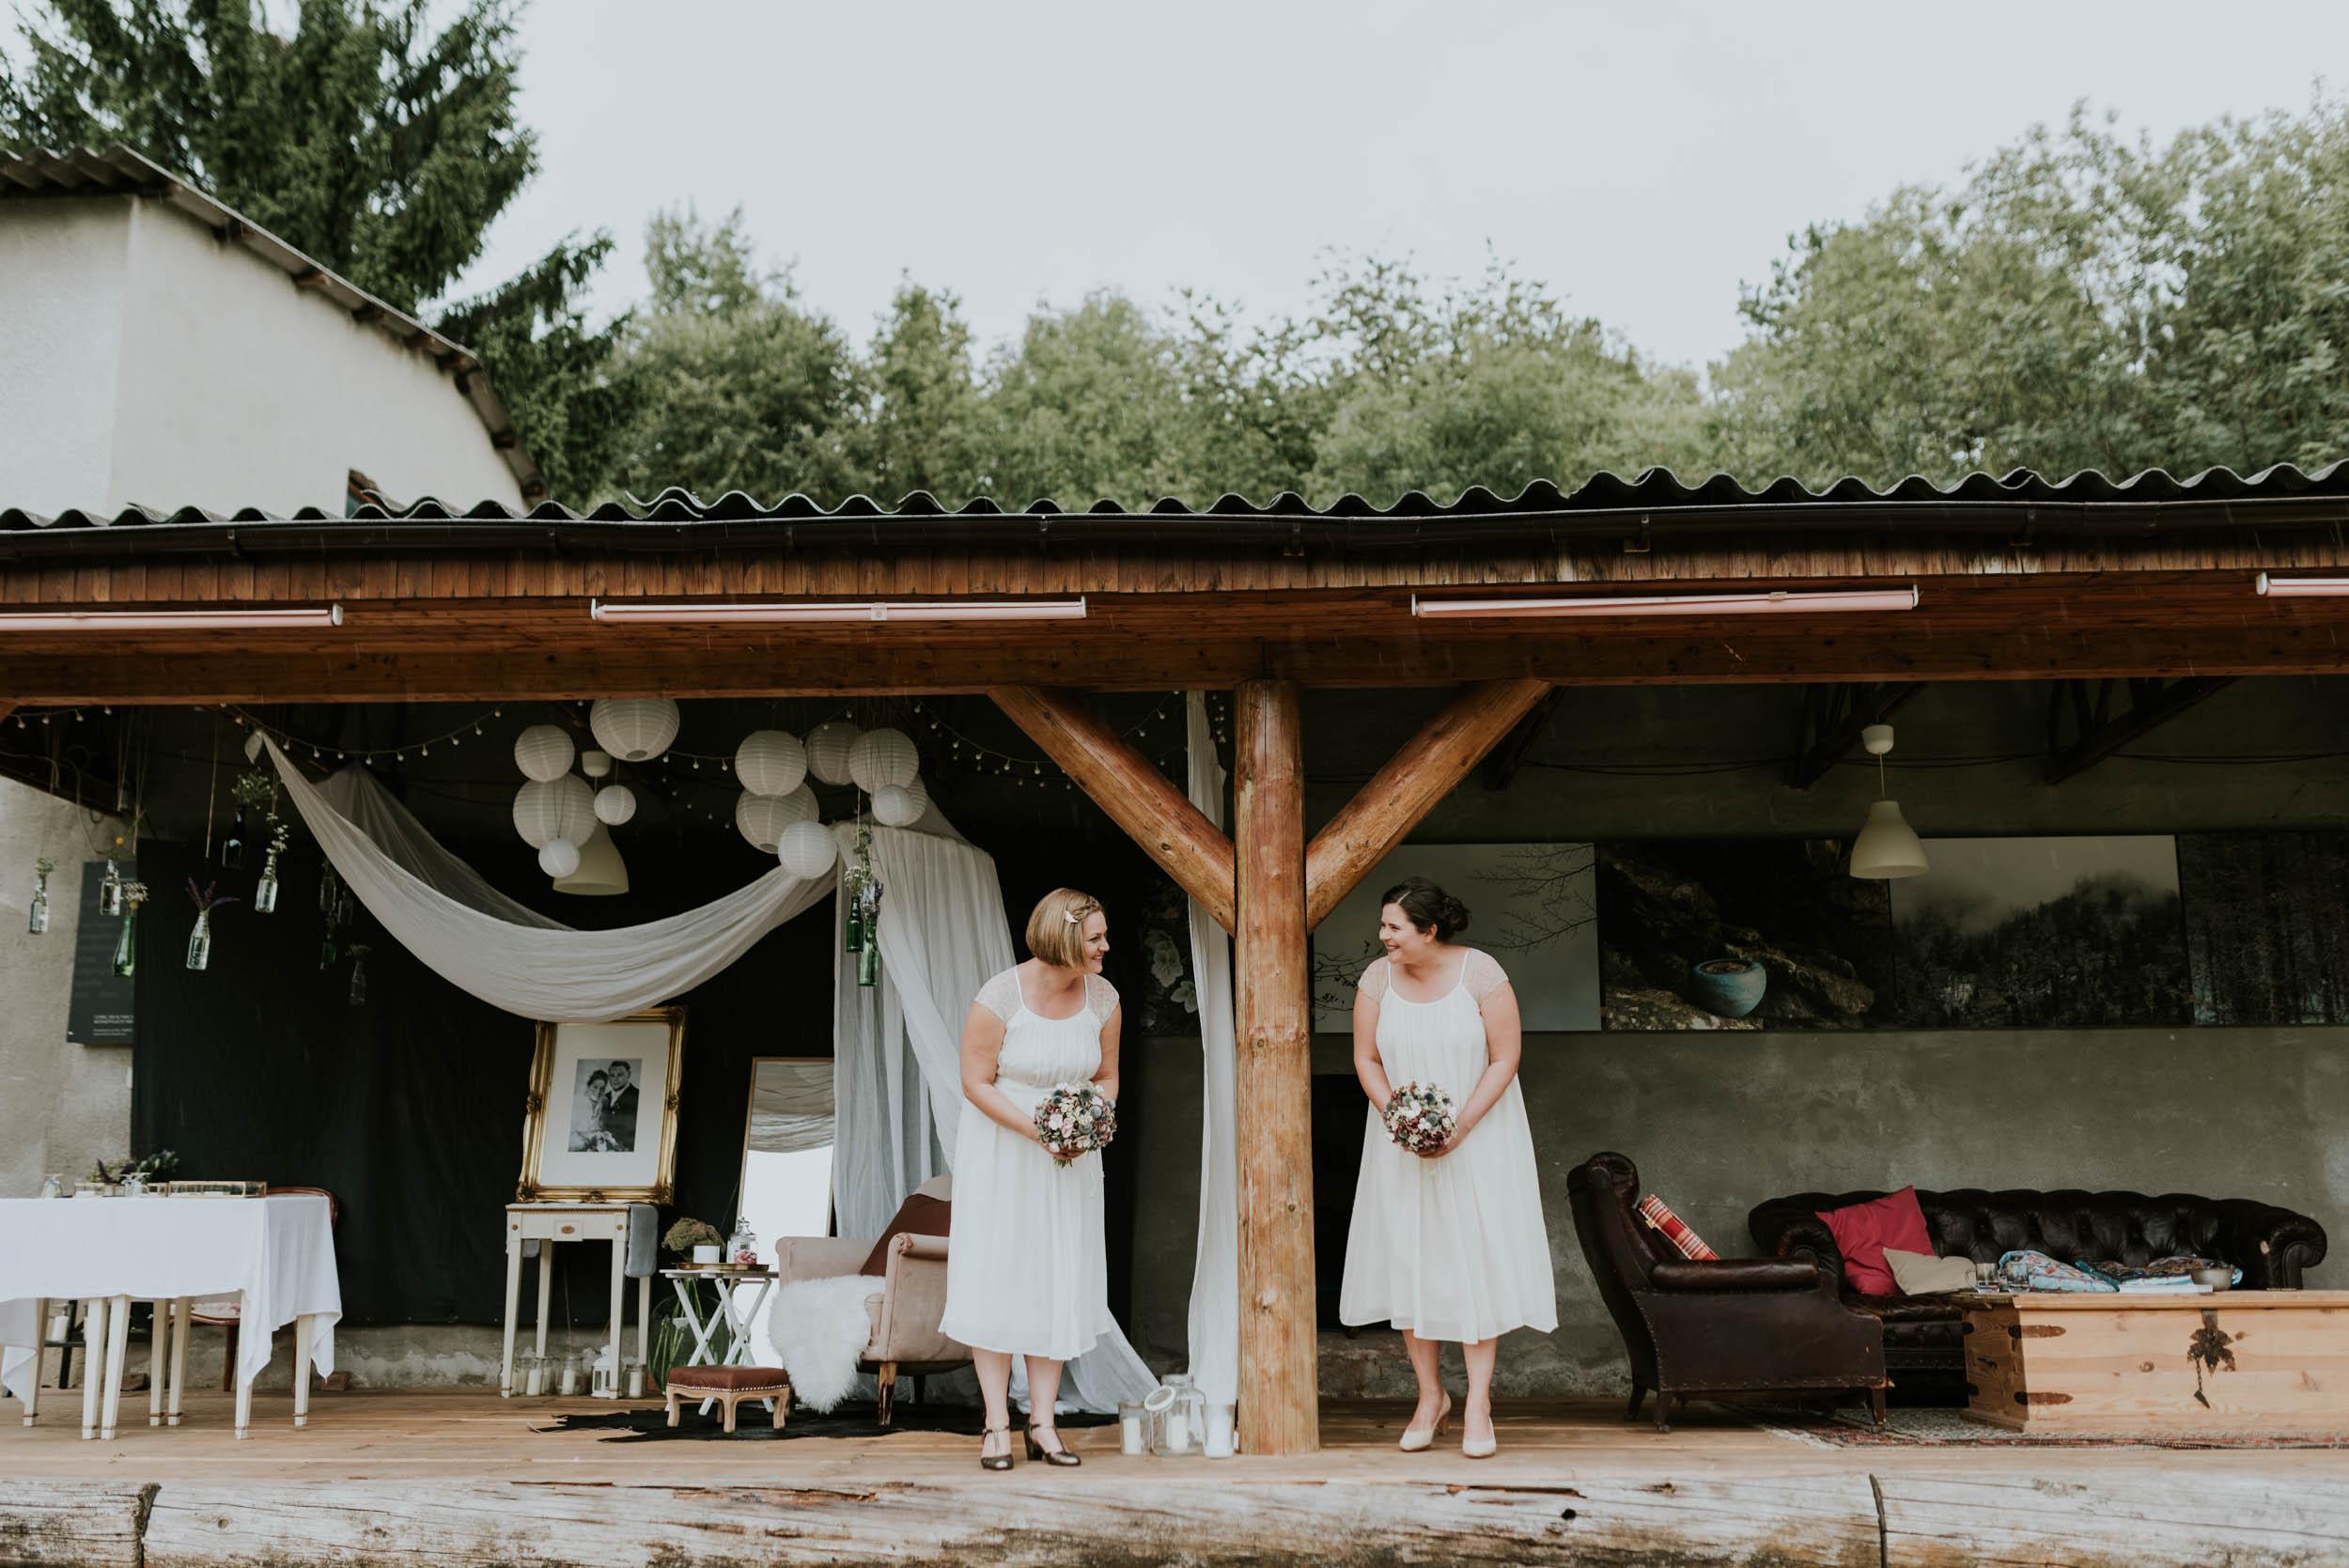 Hochzeit_Stadtflucht Bergmühle_belle&sass0005.jpg